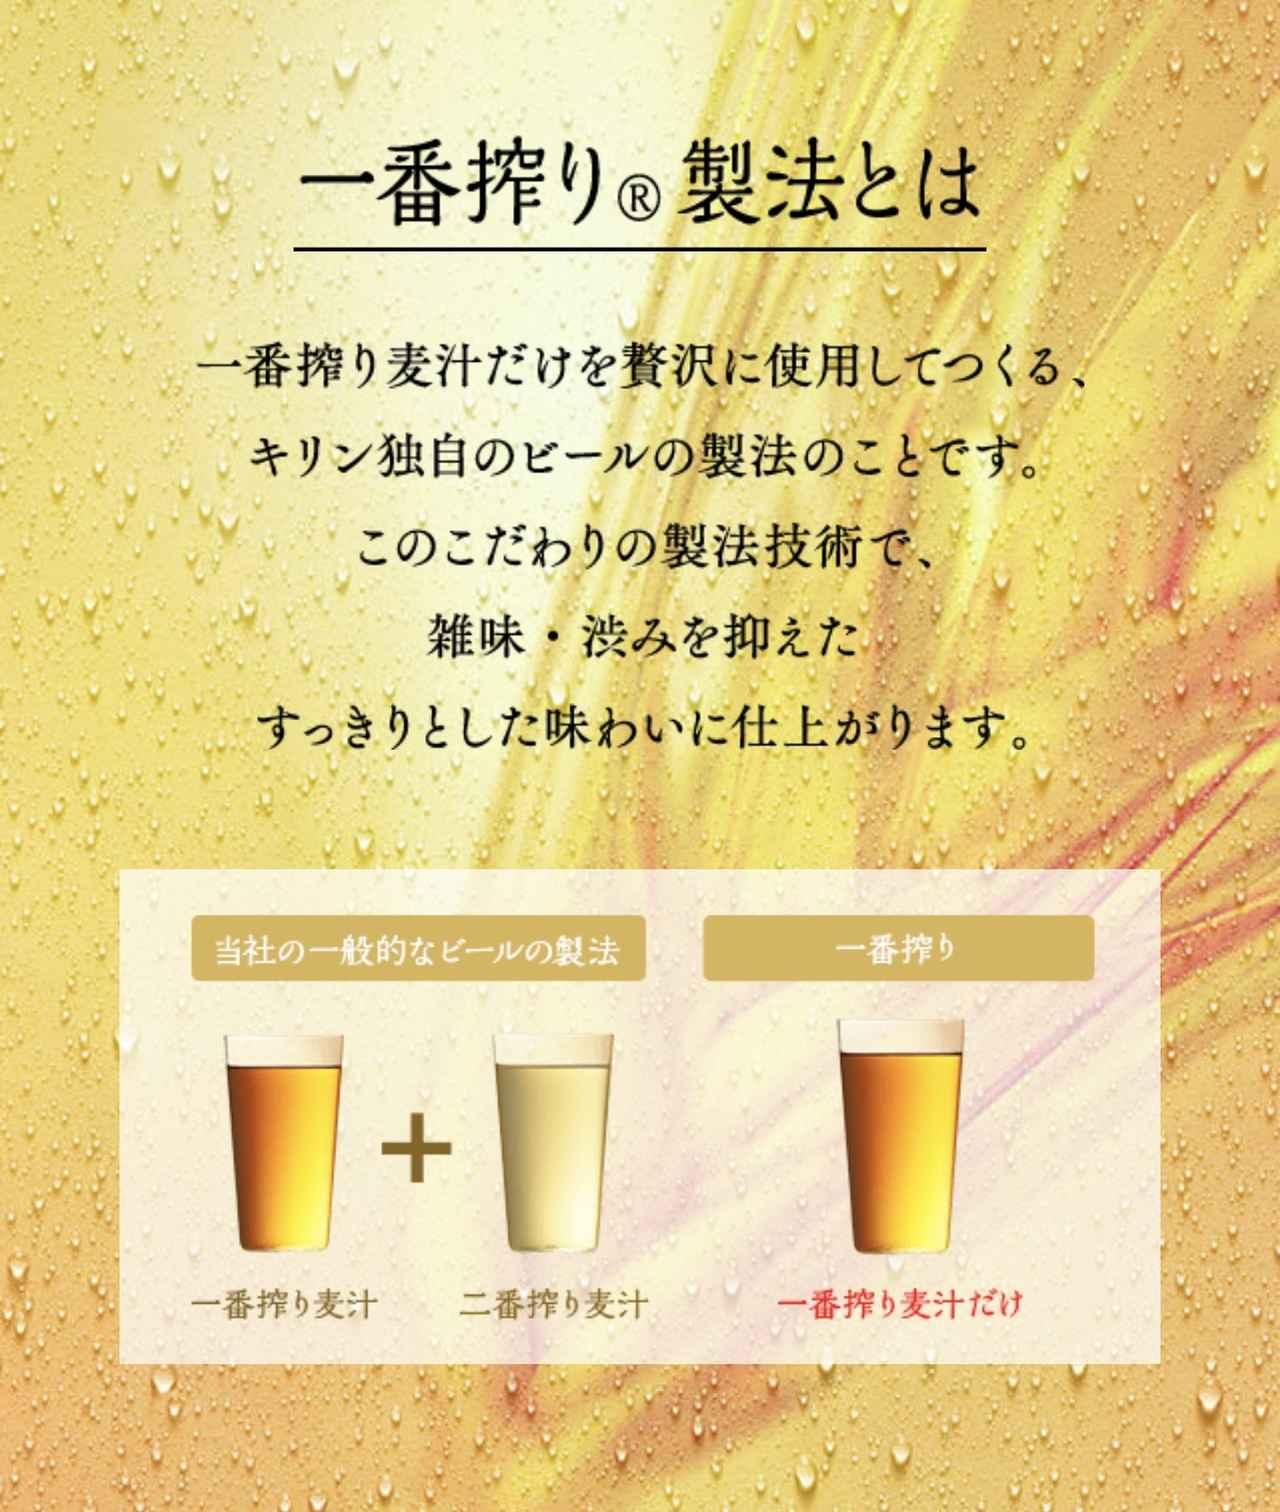 画像: KIRIN公式サイトより www.kirin.co.jp